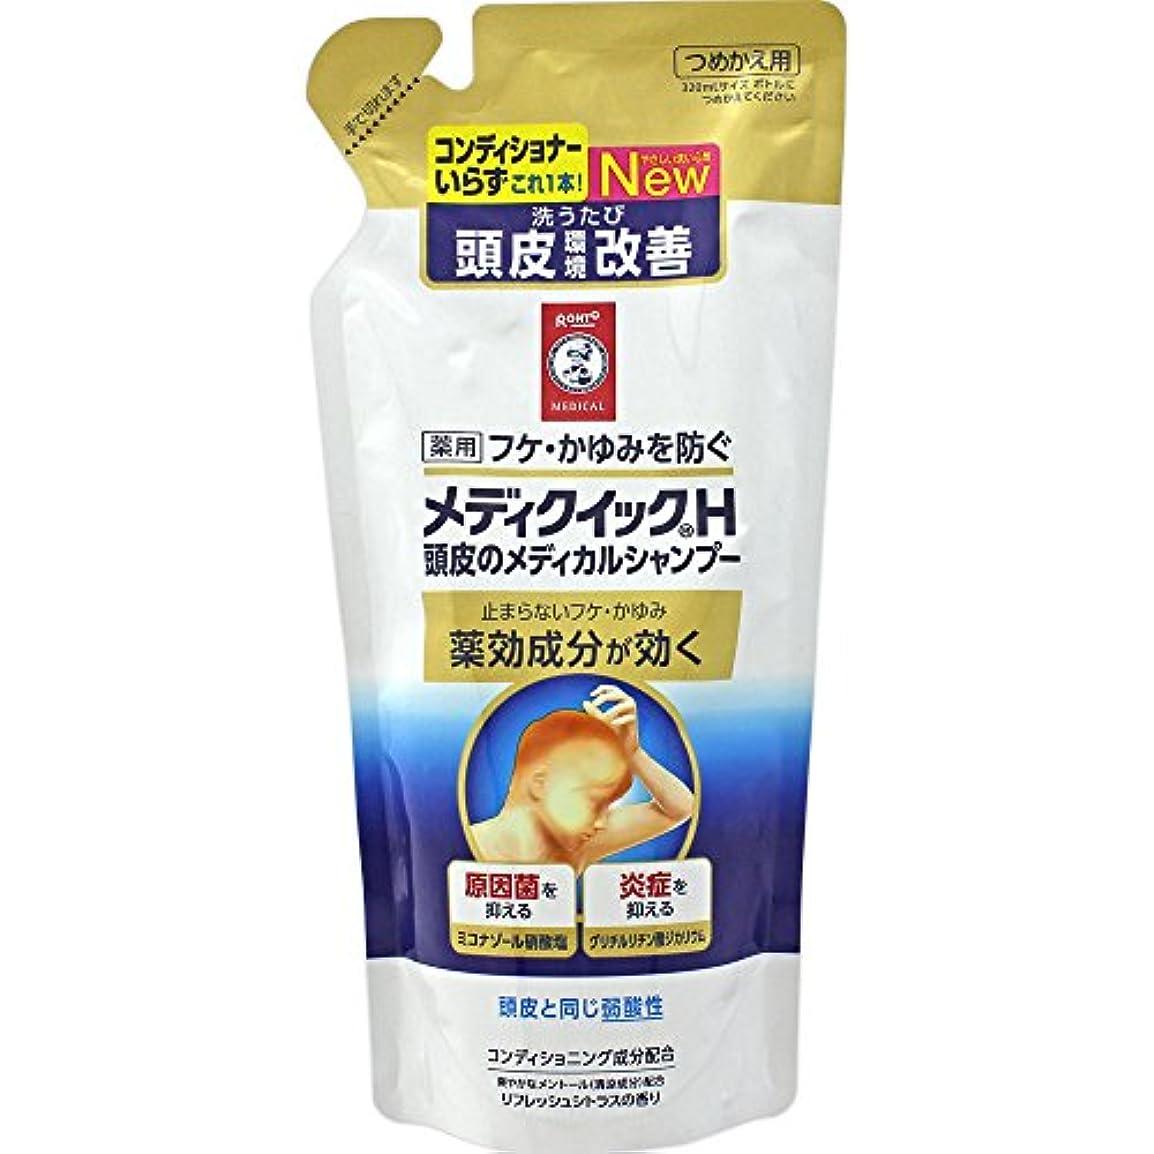 【医薬部外品】メディクイックH ふけ?かゆみを防ぐ 頭皮環境改善 メディカルシャンプー つめかえ用 280ml